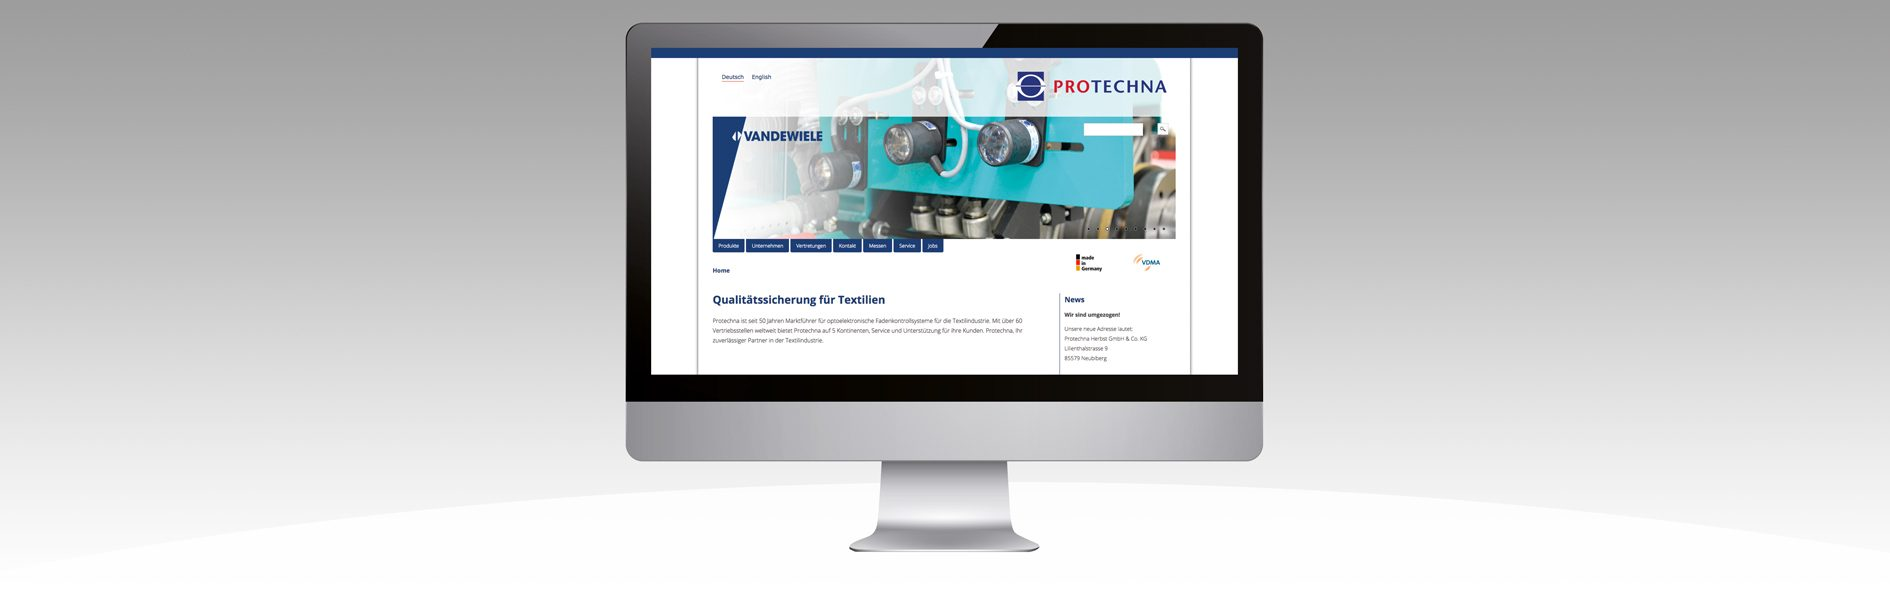 Hier ist der Internetauftritt von Protechna abgebildet.